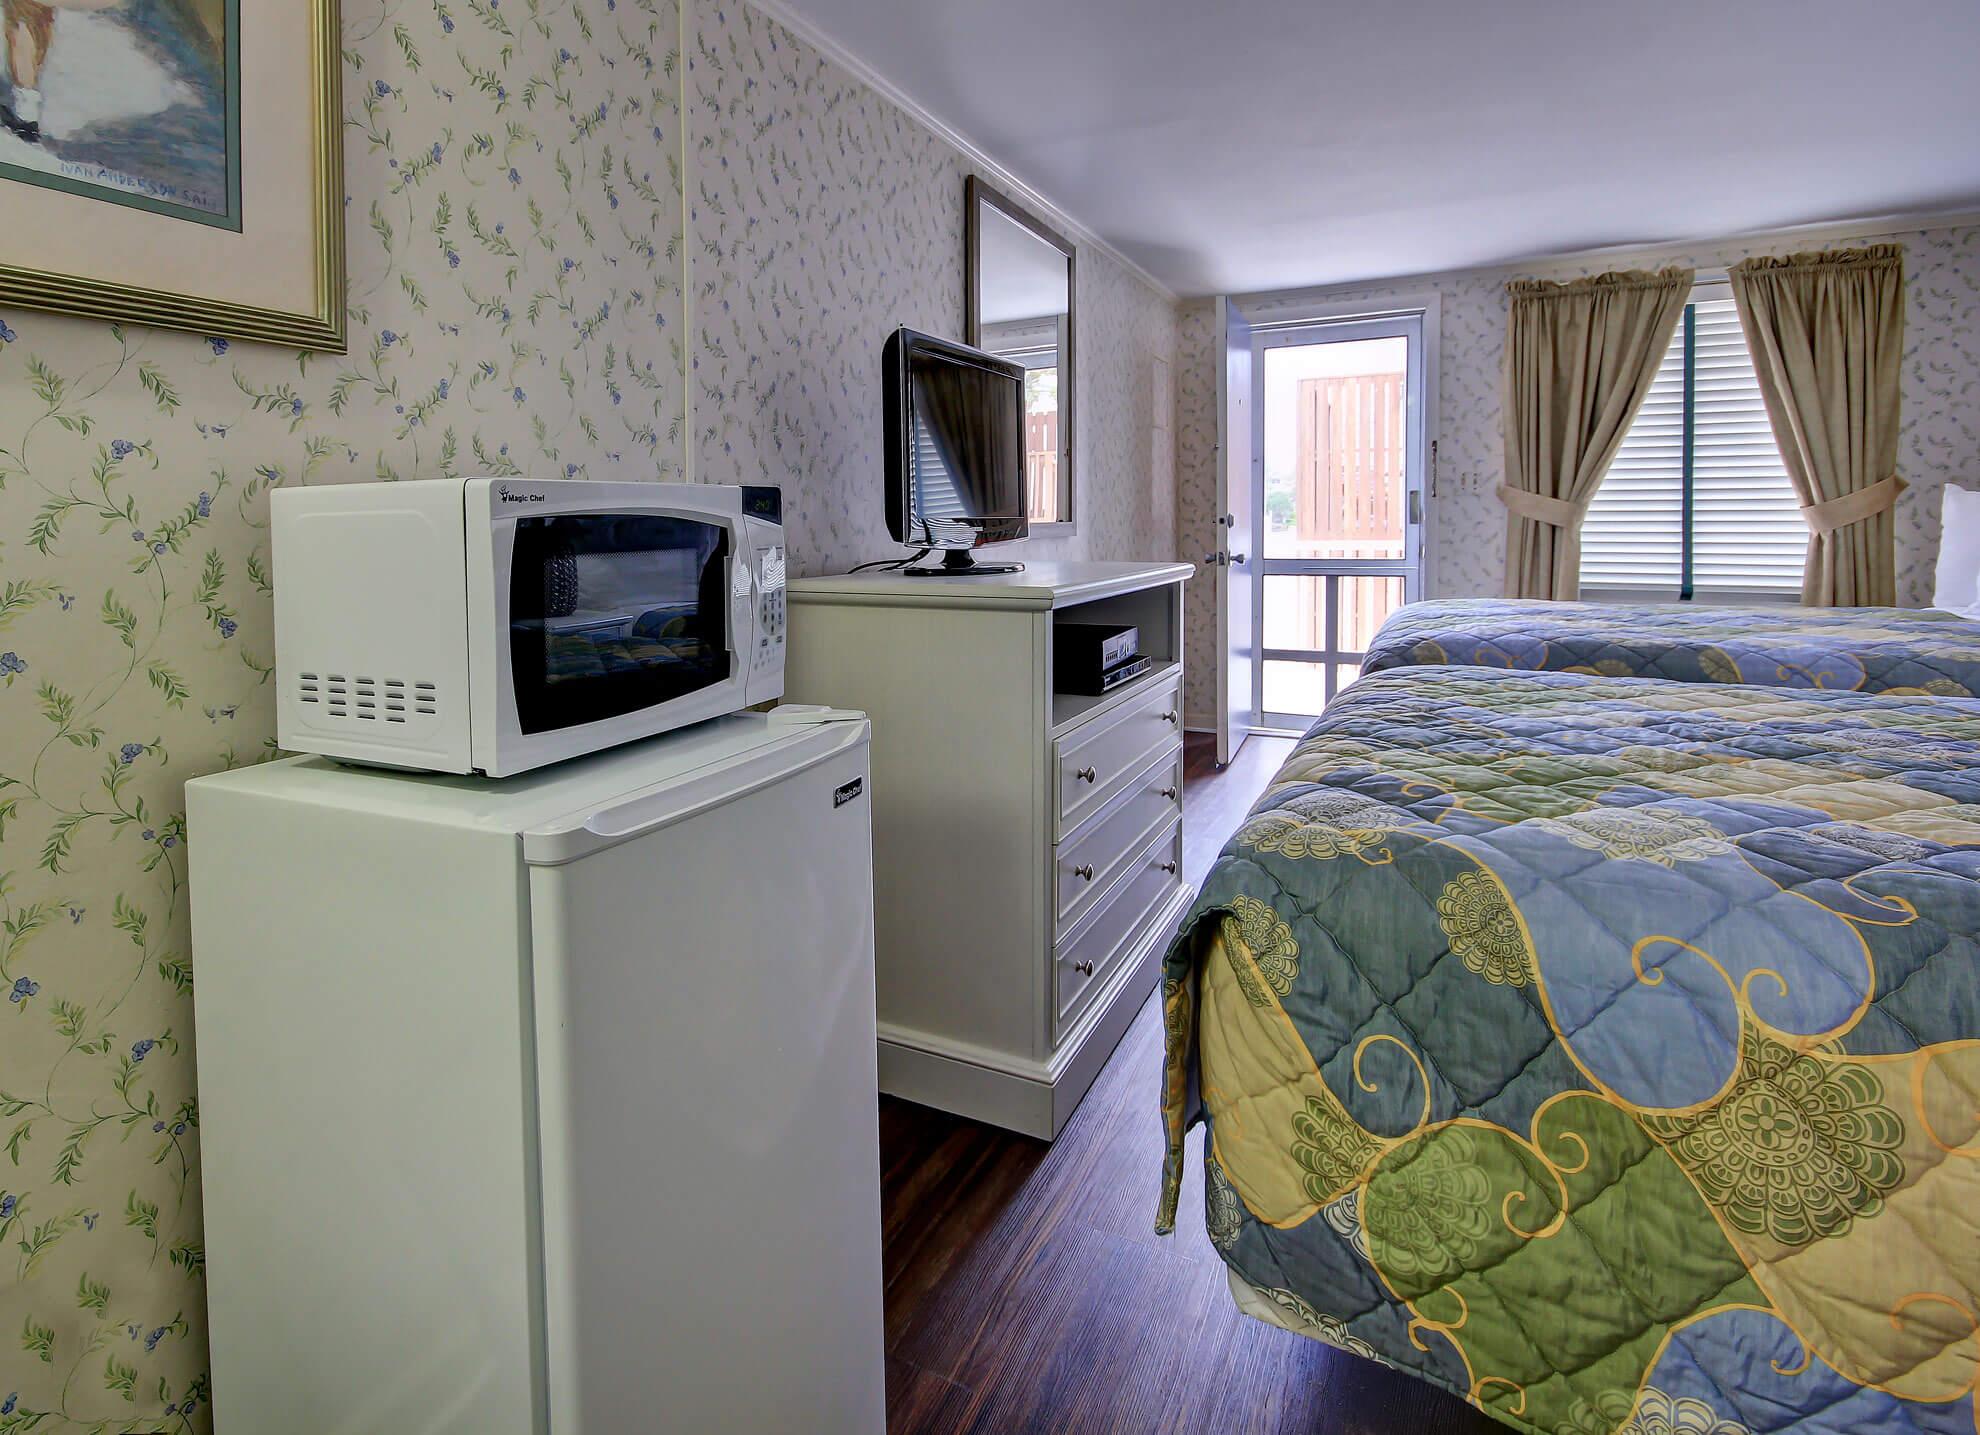 Hotel Bedroom Mini Fridge And Microwave